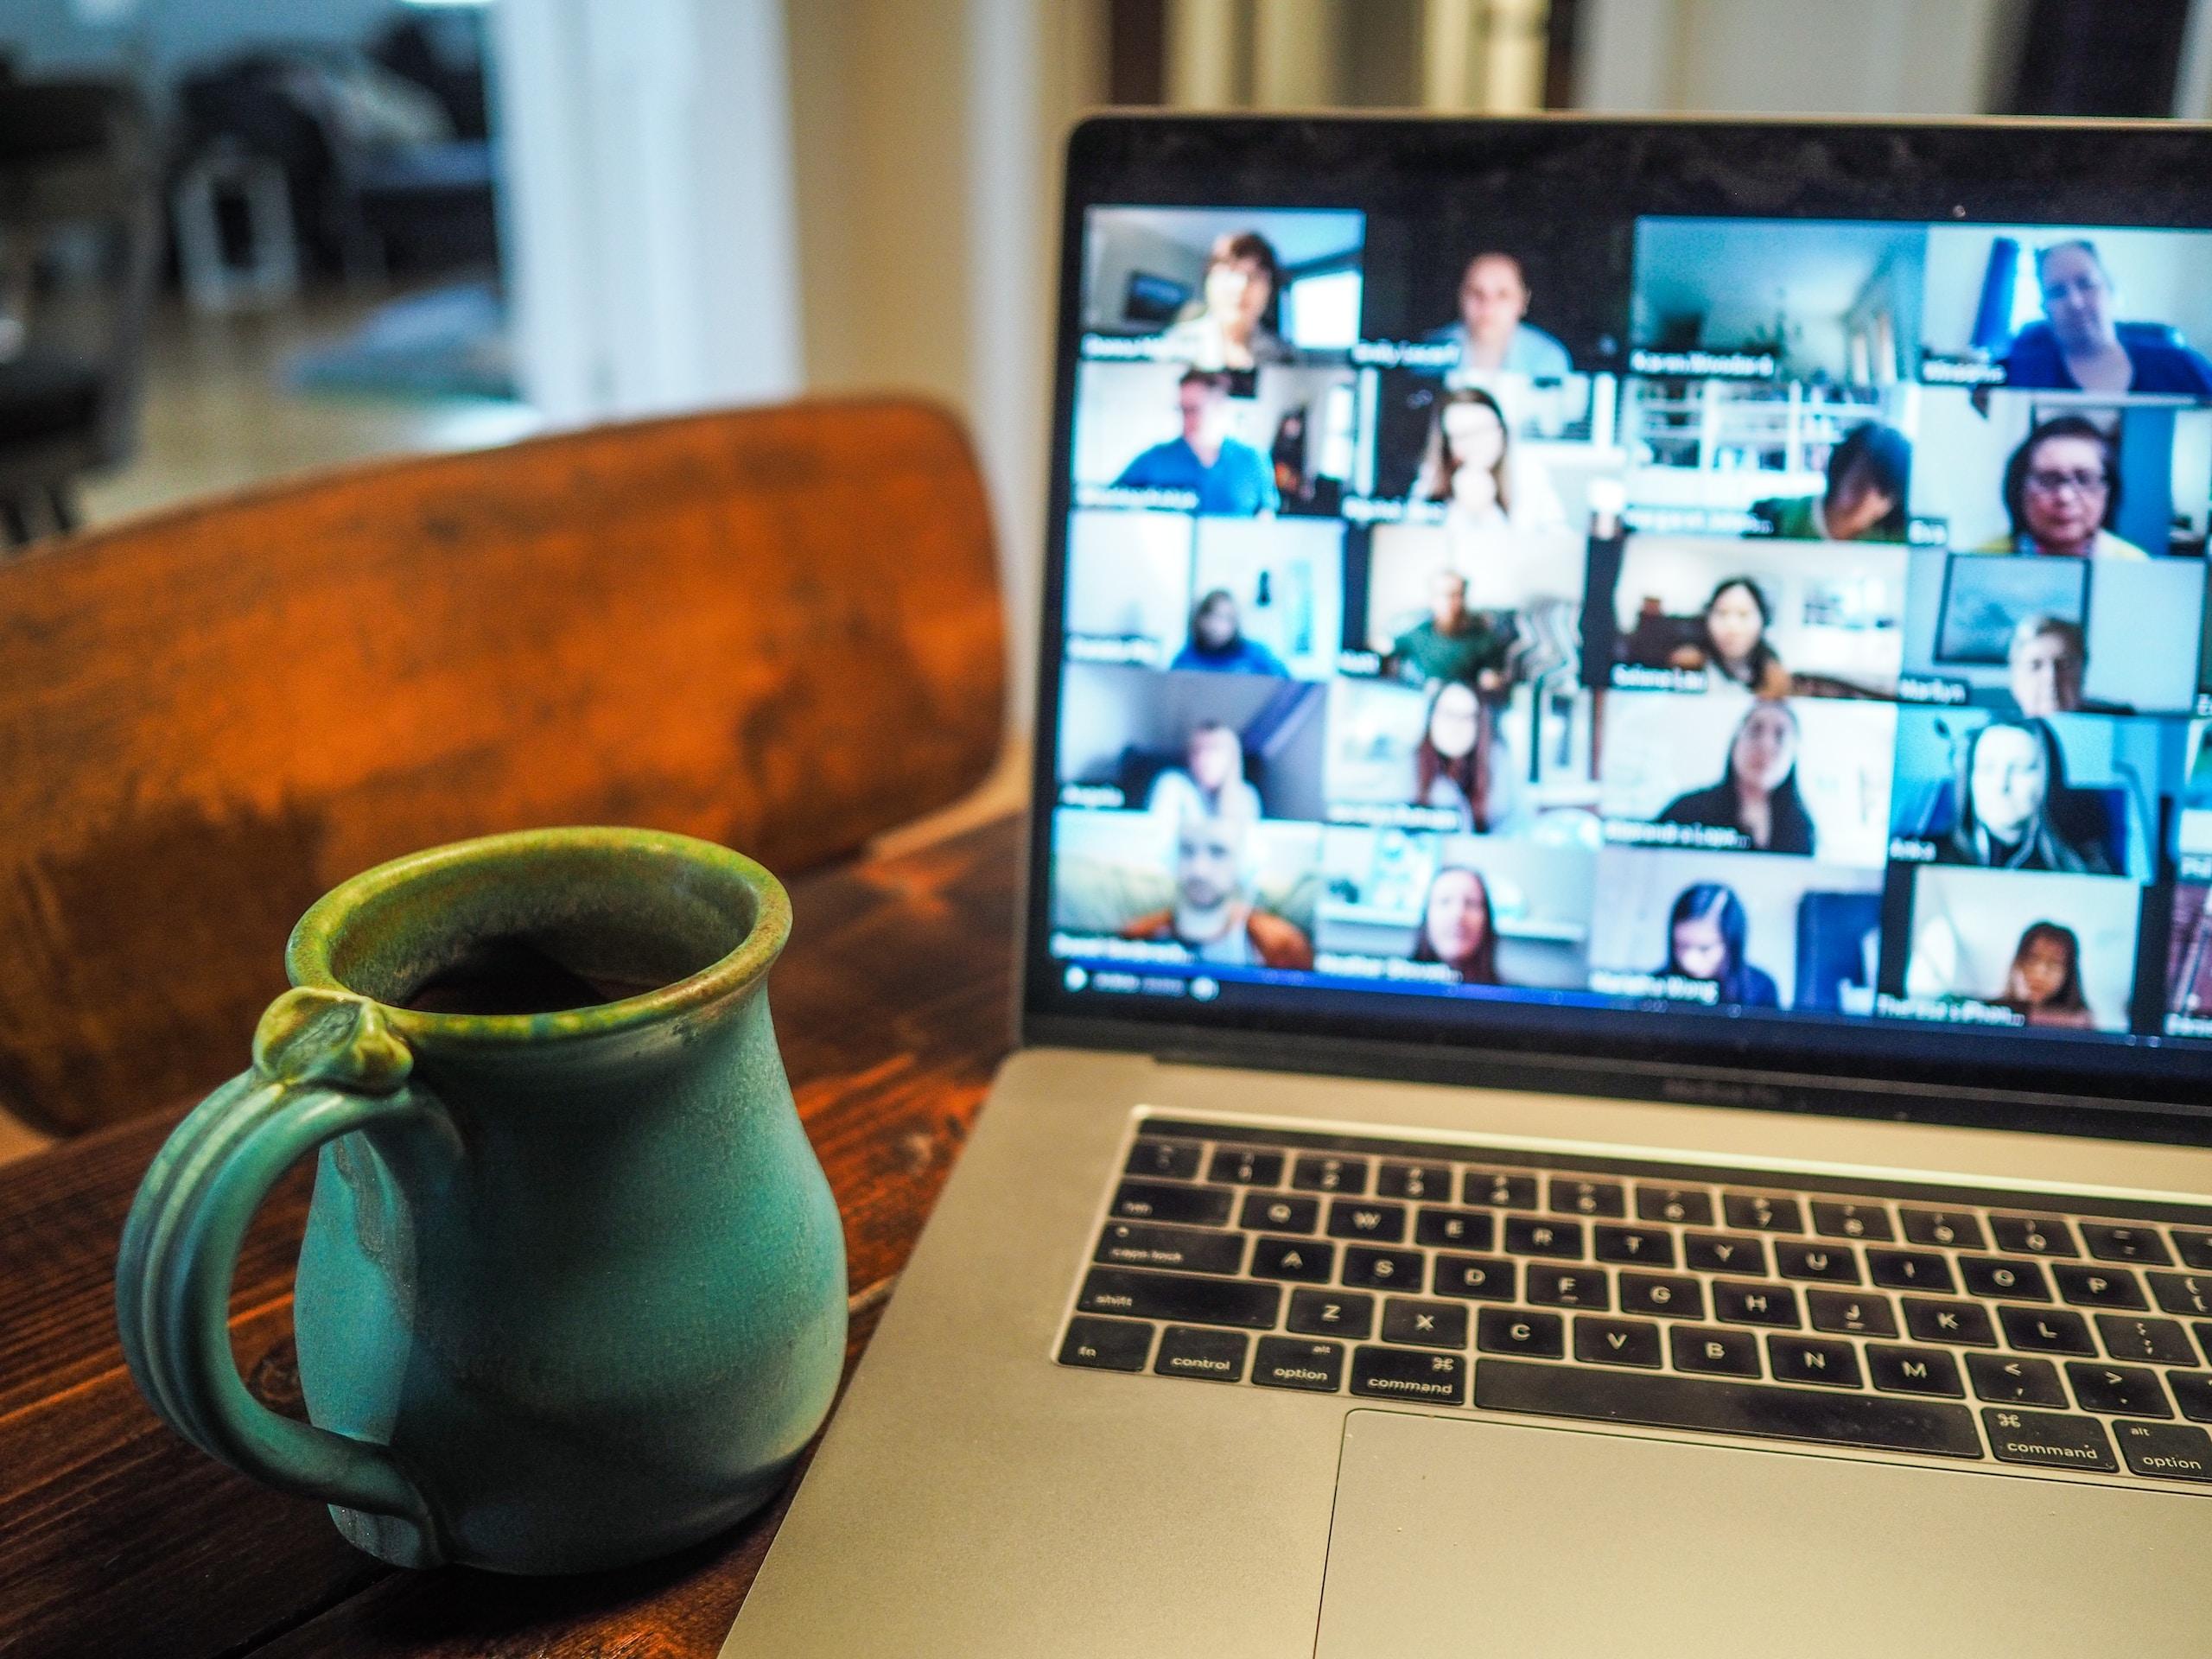 遙距工作模糊工作與生活,49% 企業員工稱工作時間遠超預期